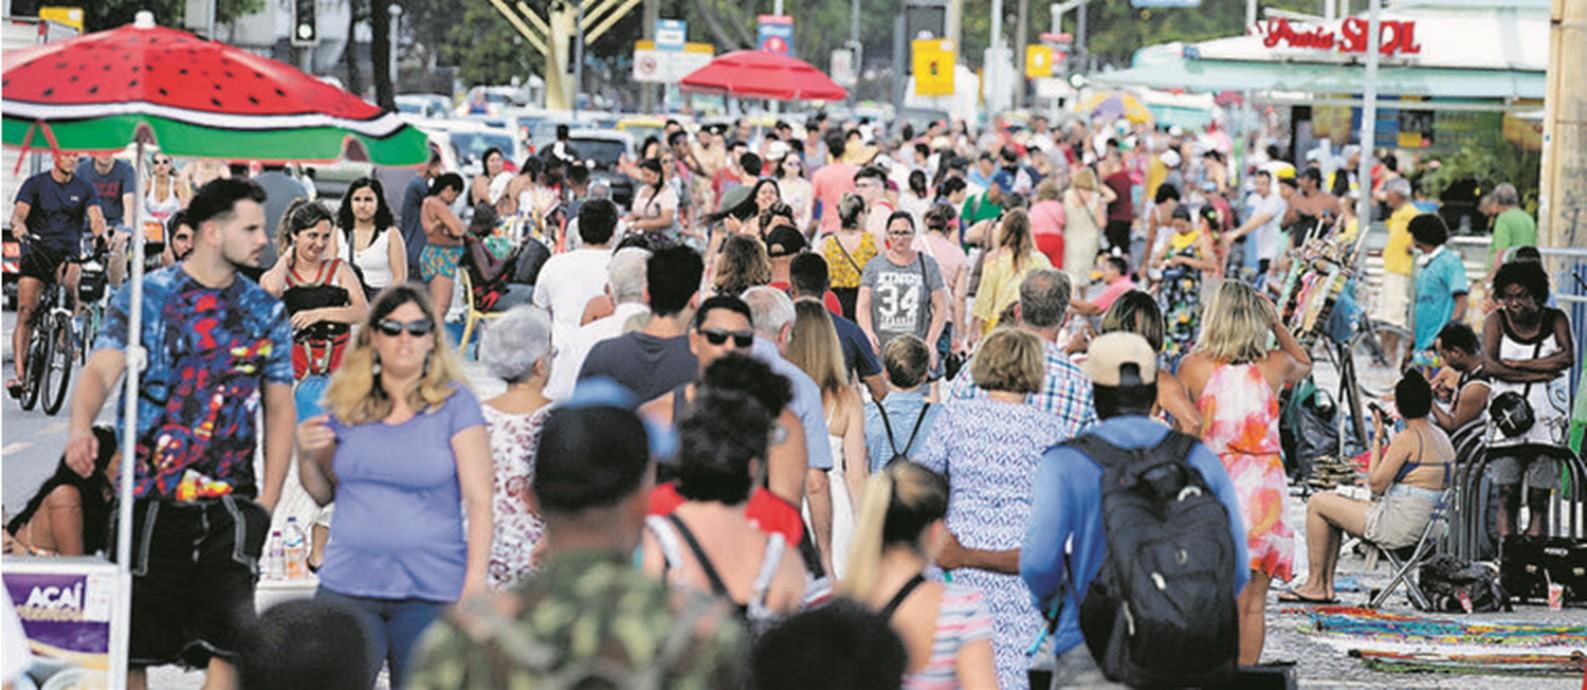 Mar de gente. Cariocas e turistas lotam o calçadão de Copacabana, bairro que deverá concentrar a maior parte dos visitantes: na noite da virada para 2020, a previsão é que todos os 53 mil quartos de hotel da cidade estarão ocupados Foto: Domingos Peixoto